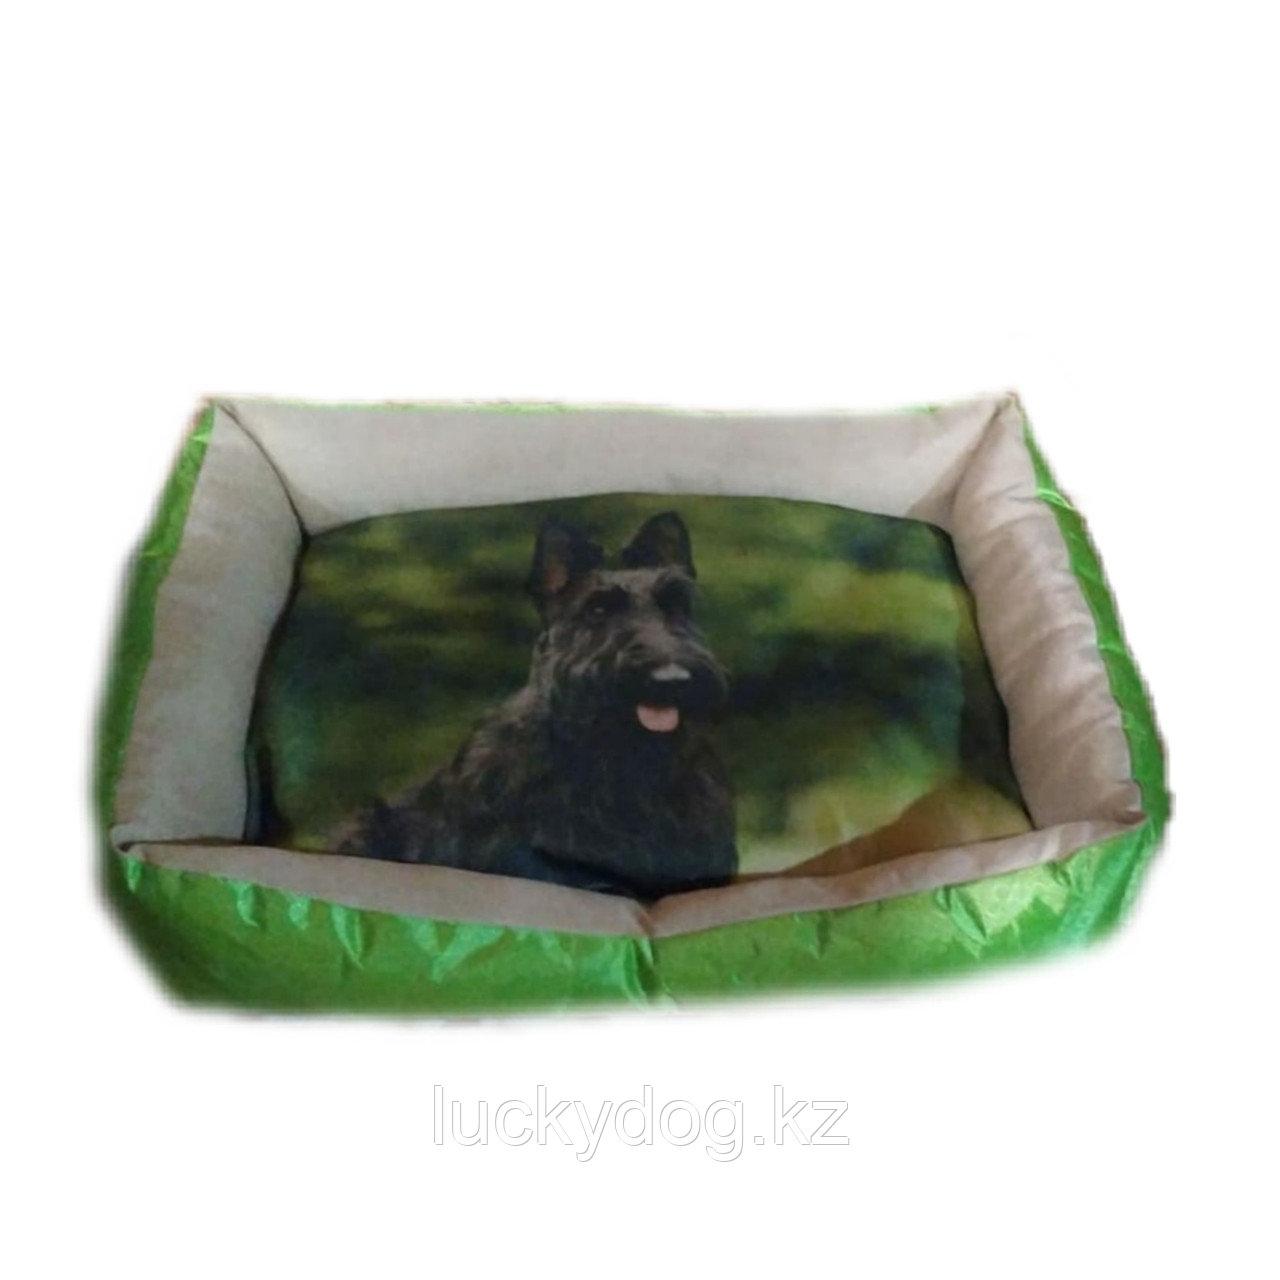 Лежак для собак с рисунком , средний размер .